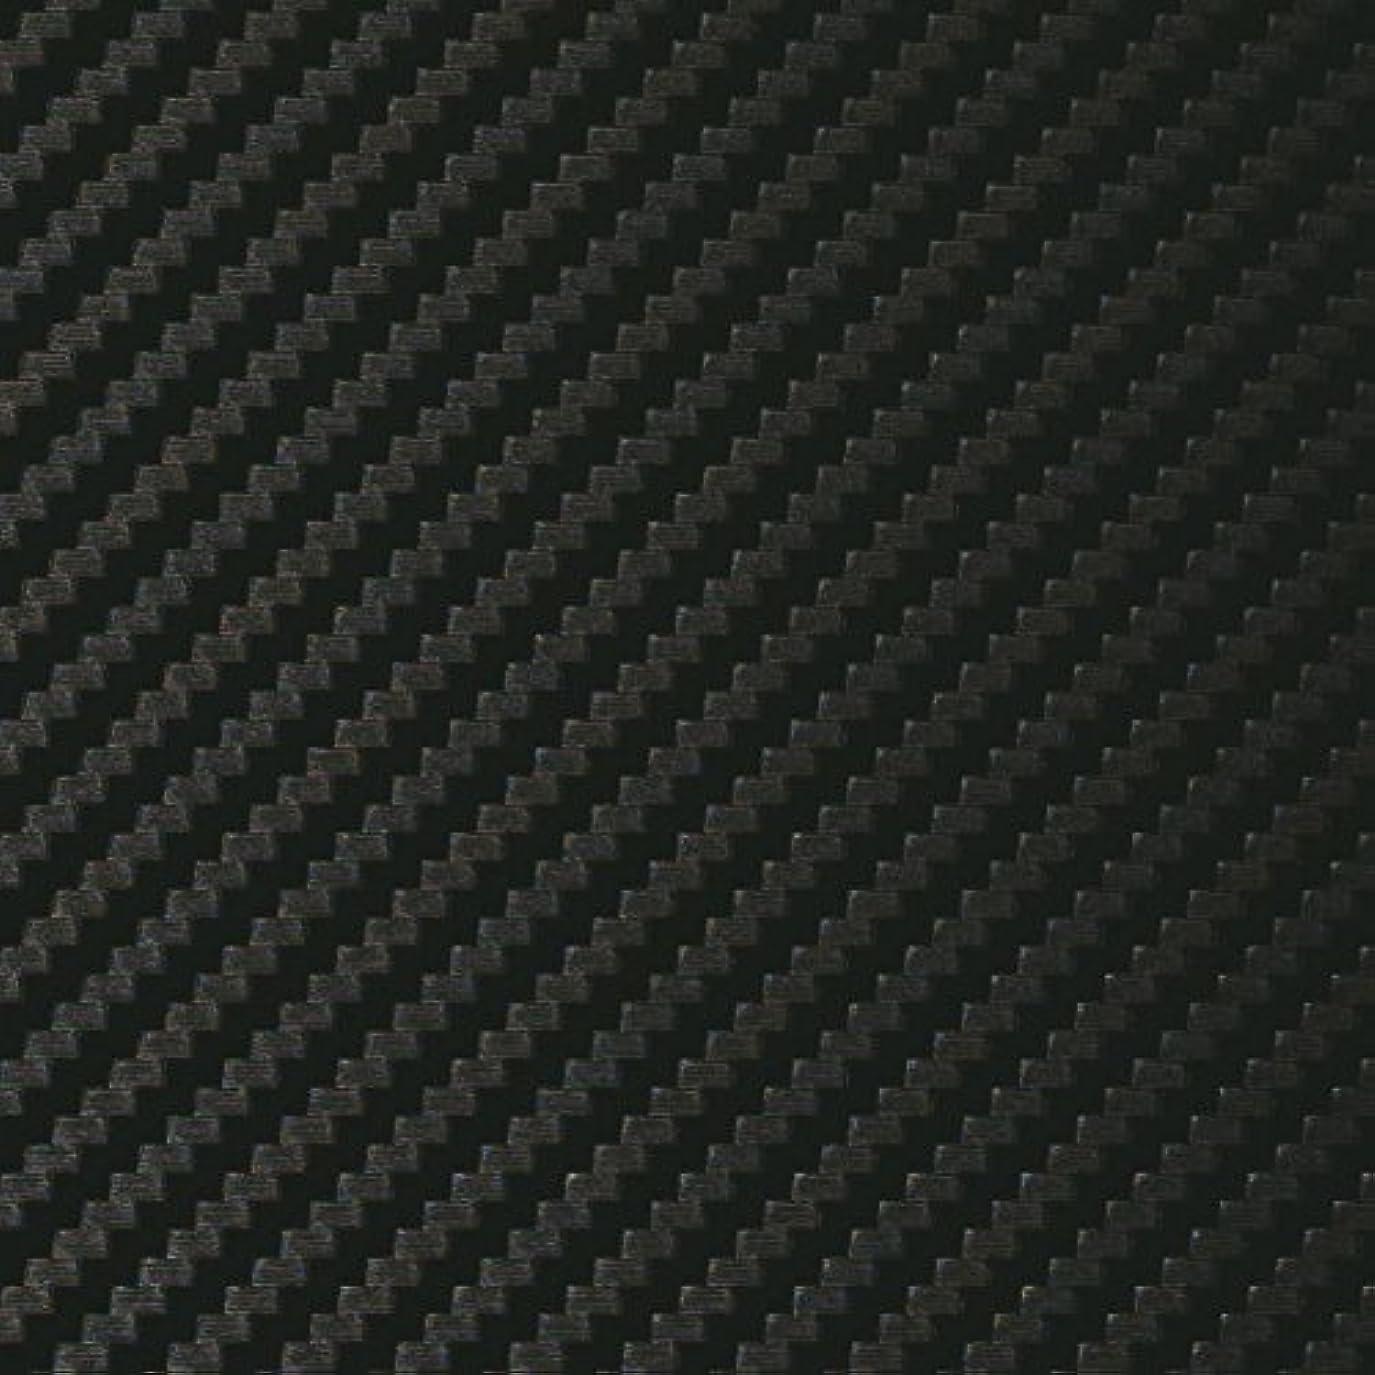 中古ドック考え3Mダイノックフィルム カーボン調 (R) 幅122cm×100cm CA-421 【スキージー付き】 カーボン調 車 装飾 カーメイク 防火 耐水 耐久 リフォーム リメイク 化粧塩ビフィルム ホルムアルデヒド対策 F☆☆☆☆ ダイノックシート スリーエム